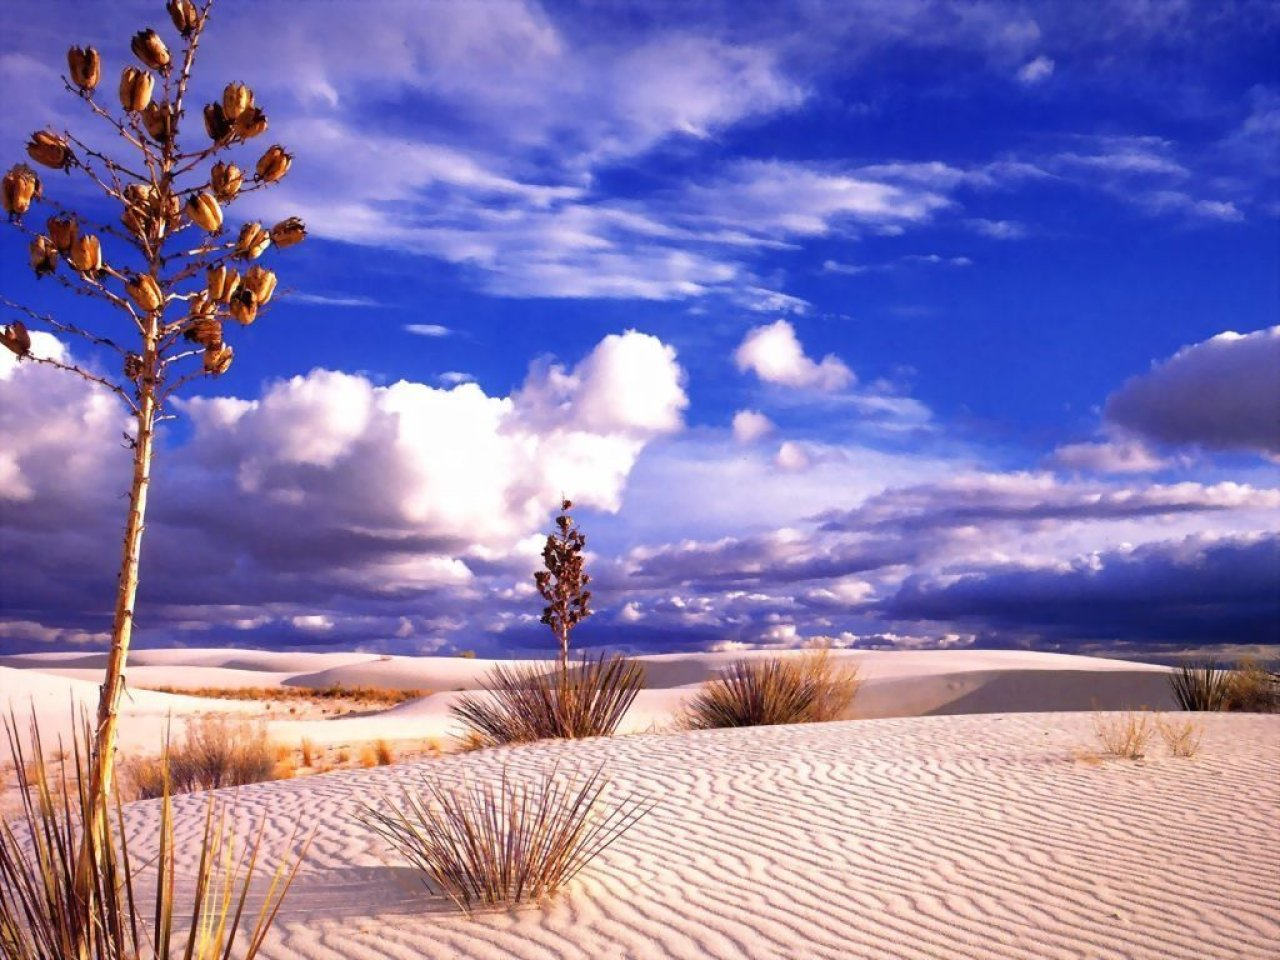 Музыка в пустыне  № 3622277 бесплатно